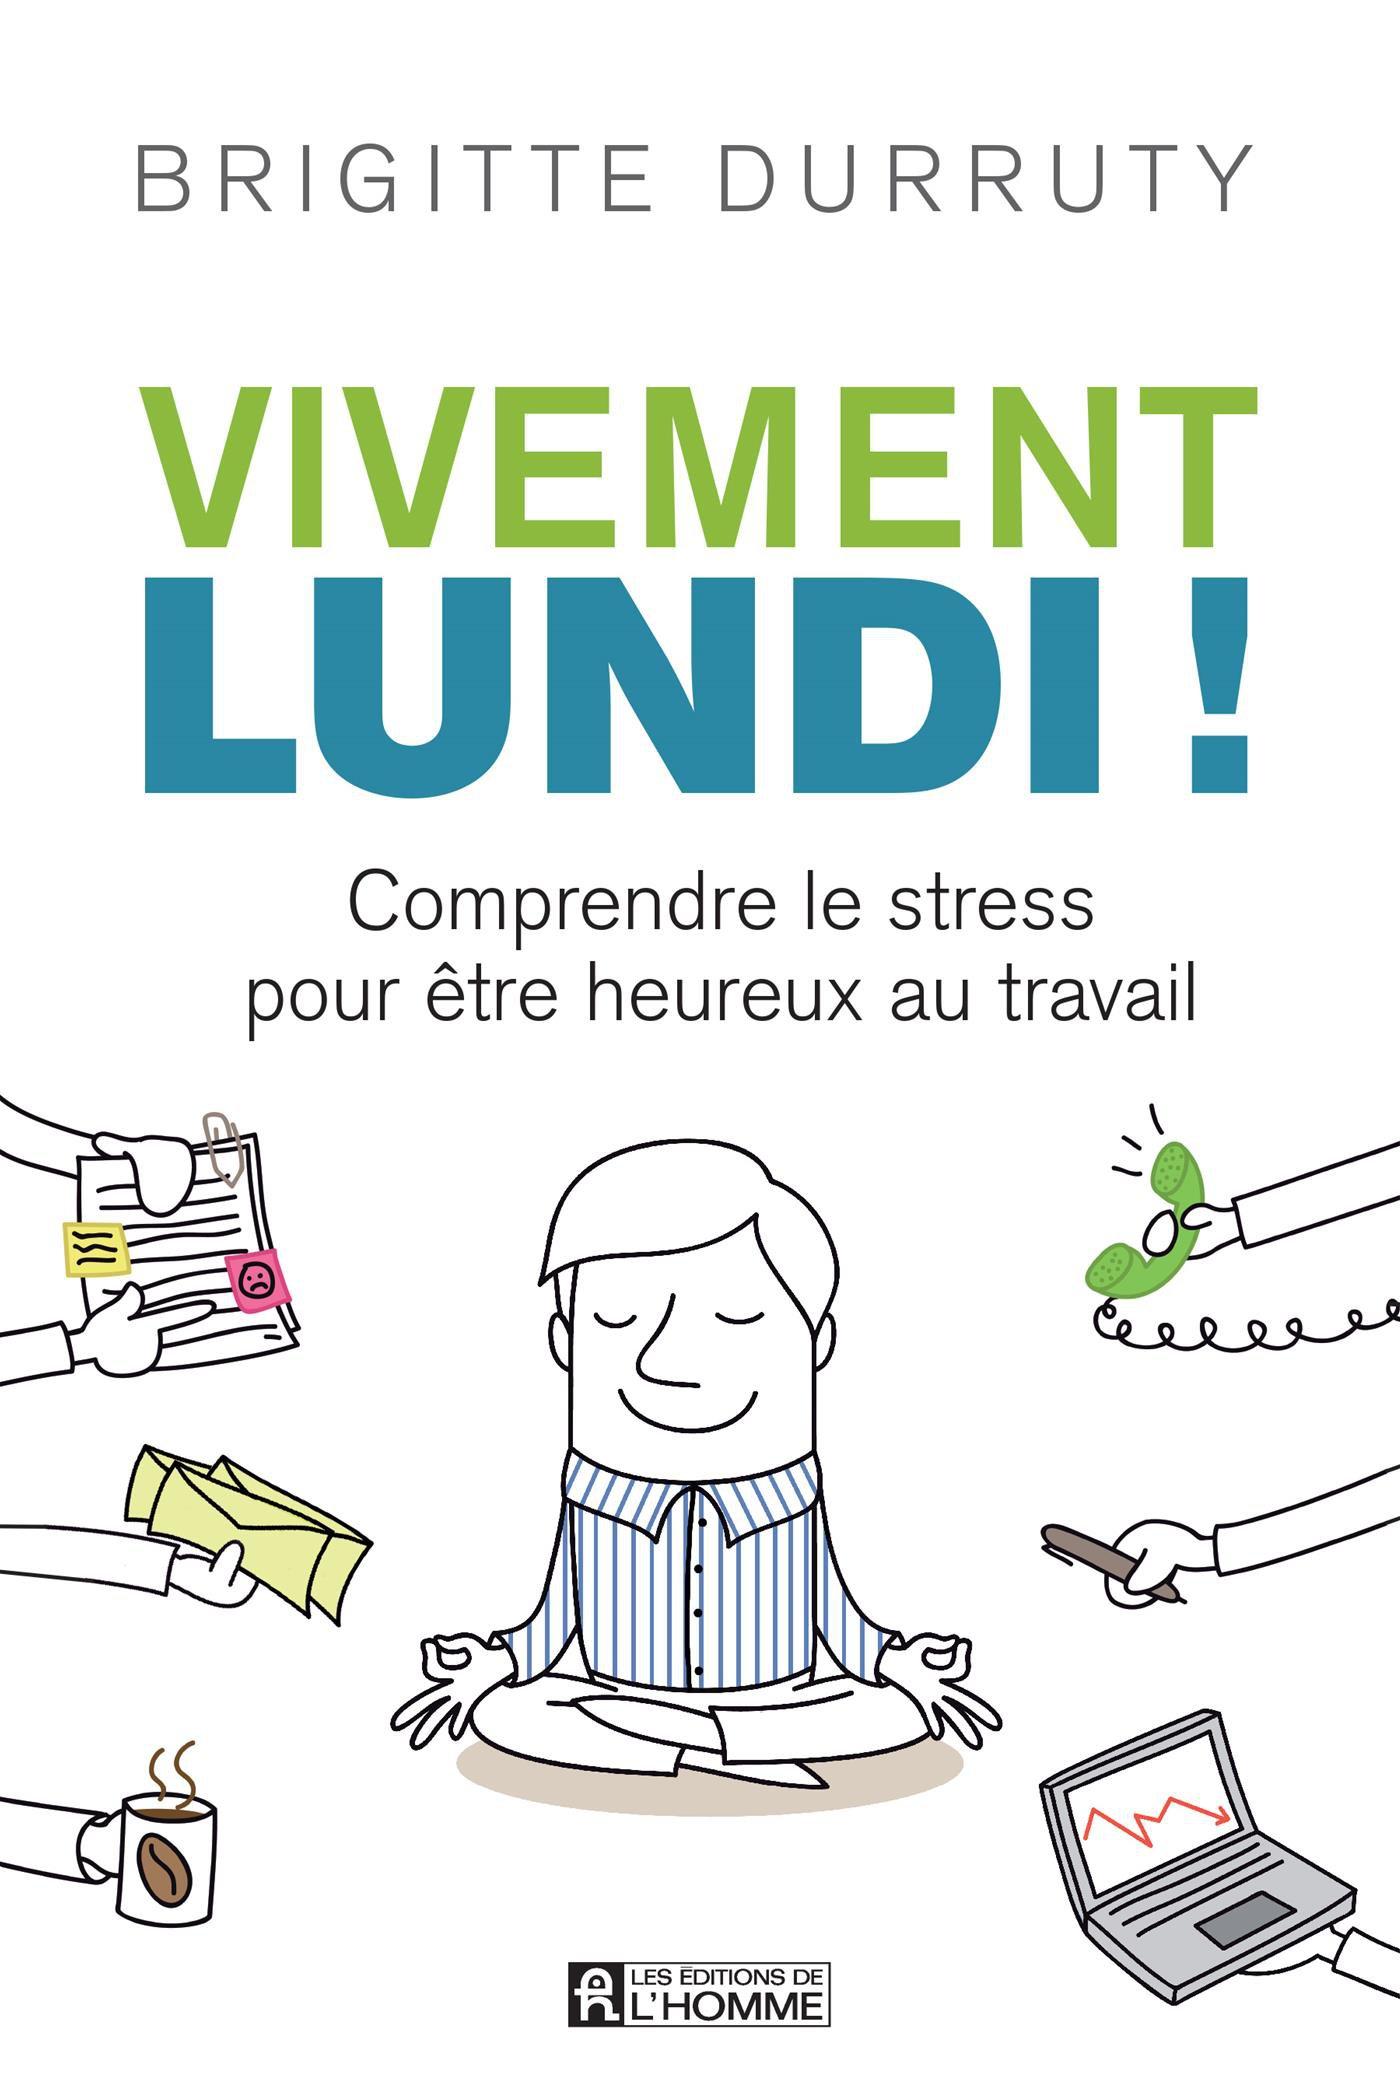 Vivement lundi! Comprendre le stress pour être heureux au travail, de Brigitte Durruty